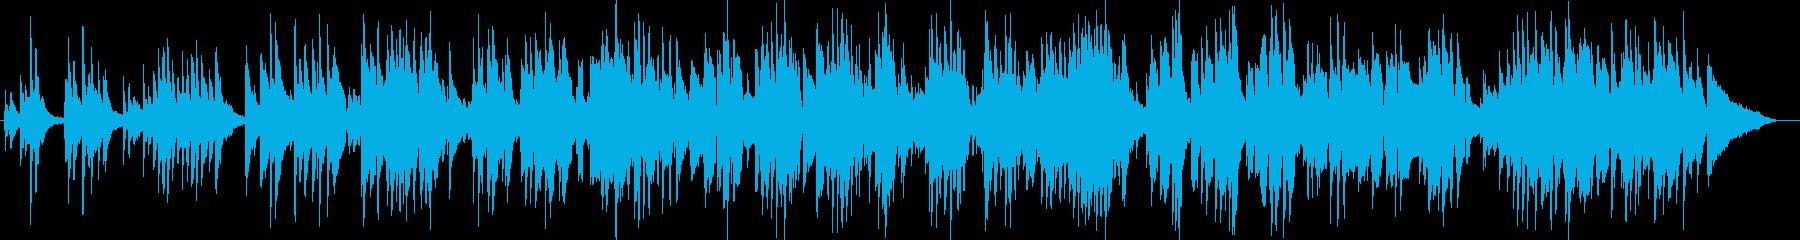 切なく哀しげなギターピアノサウンドの再生済みの波形